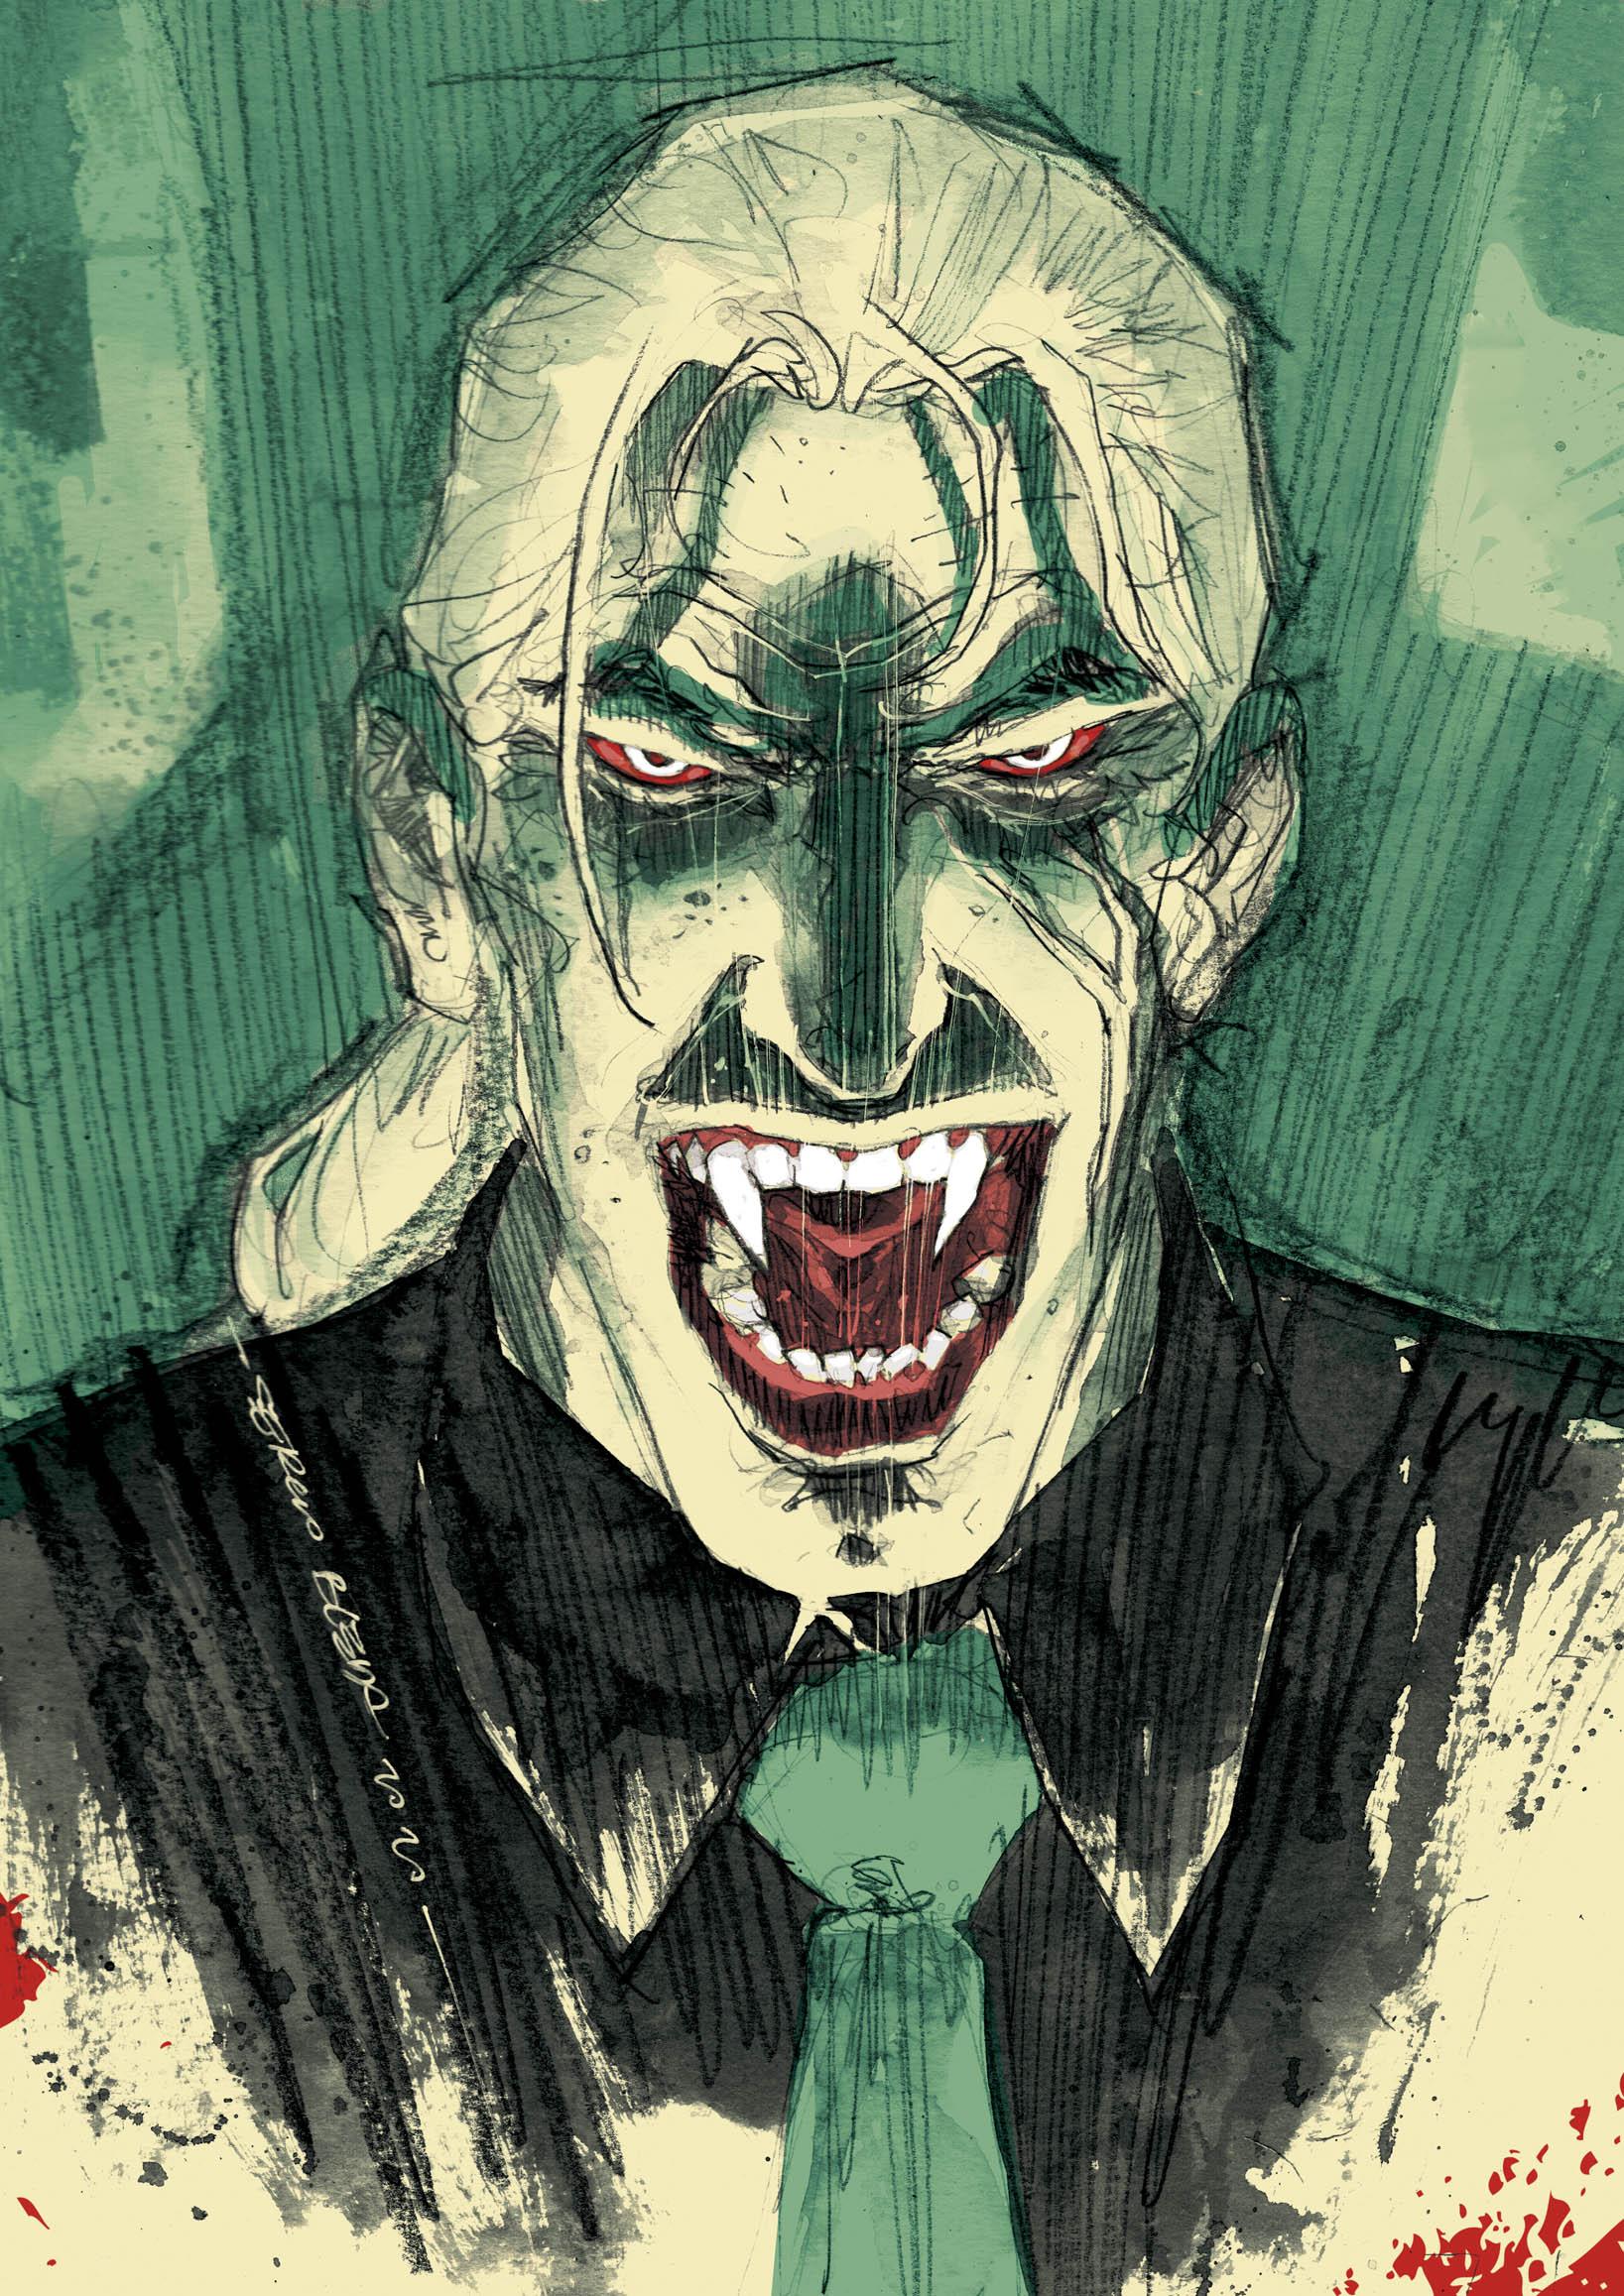 El baile del vampiro - El baile del vampiro